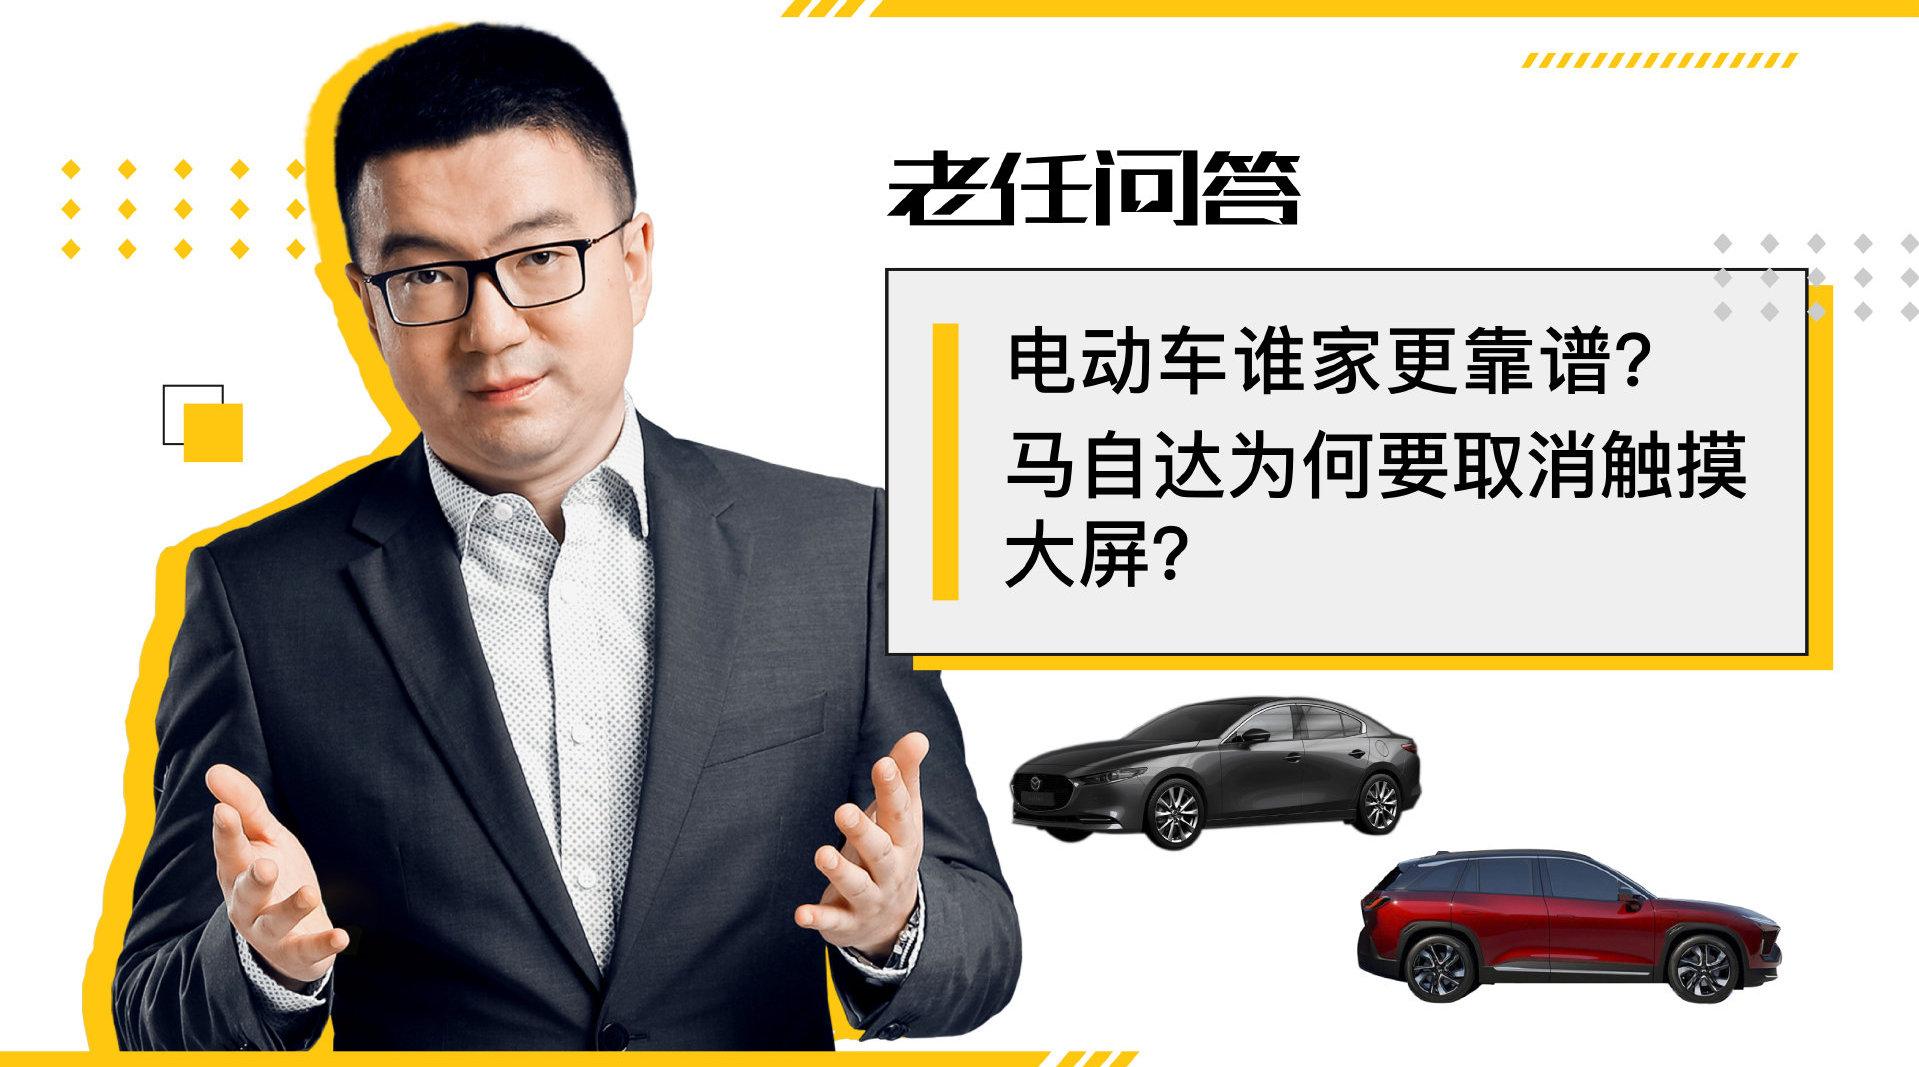 造车新势力电动车安全事故频发,老牌车企的产品会更靠谱儿吗